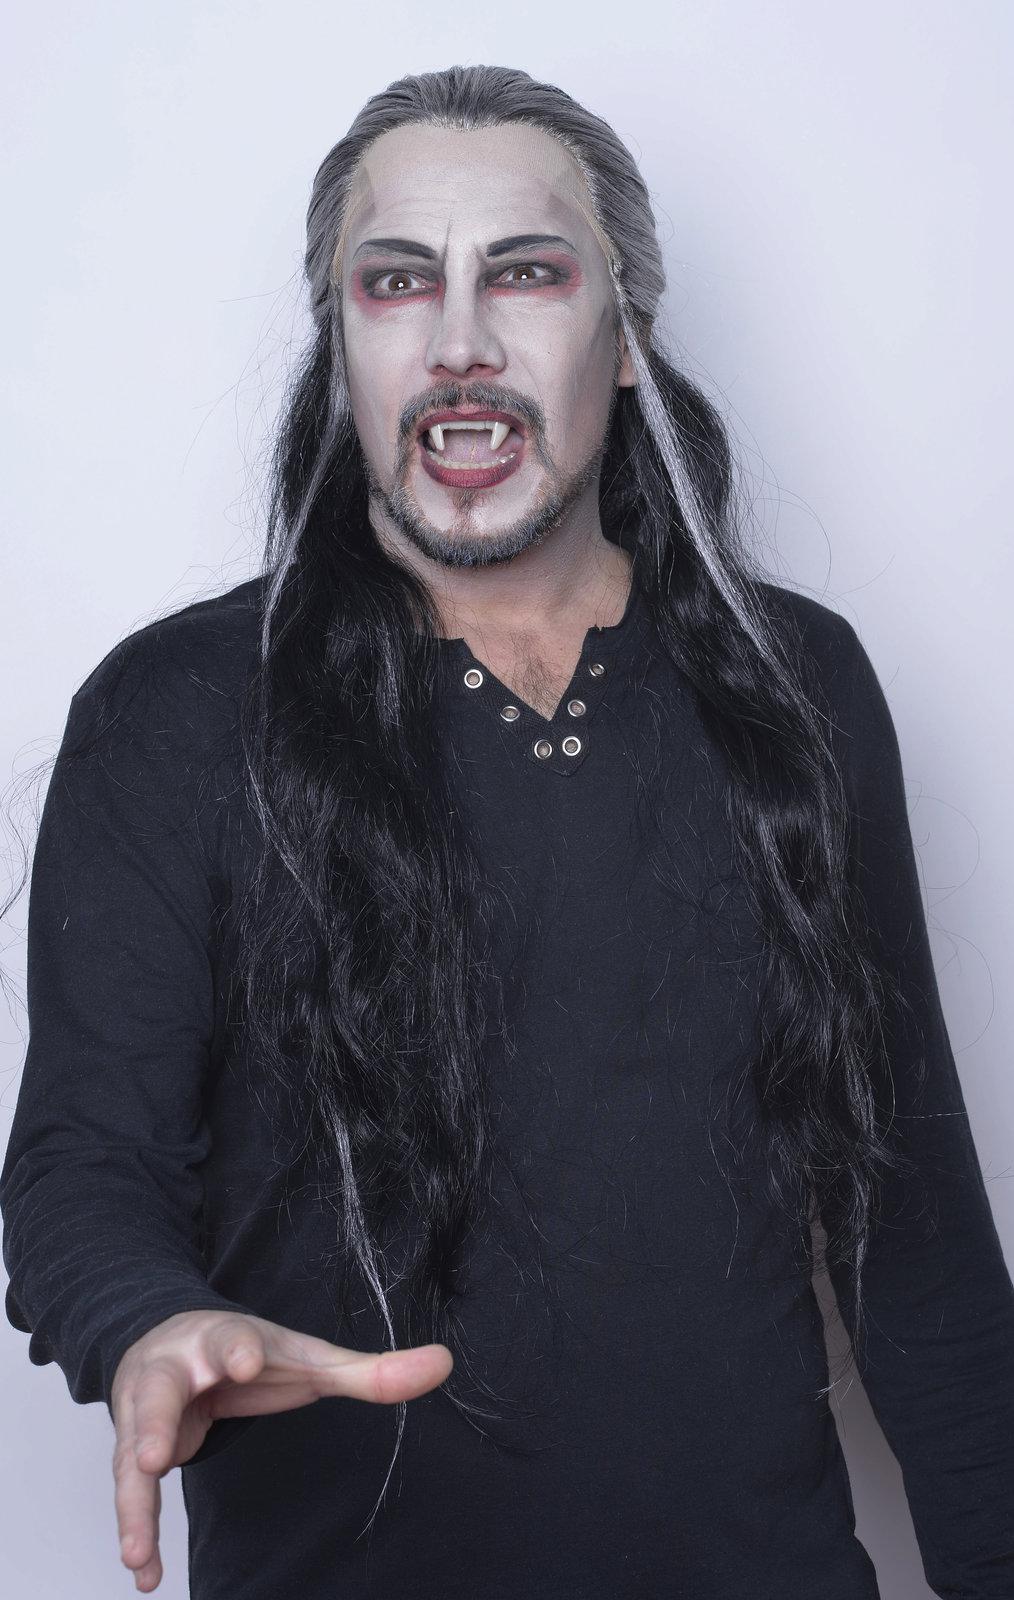 V muzikálu Ples upírů hraje krvelačného hraběte Krolocka.